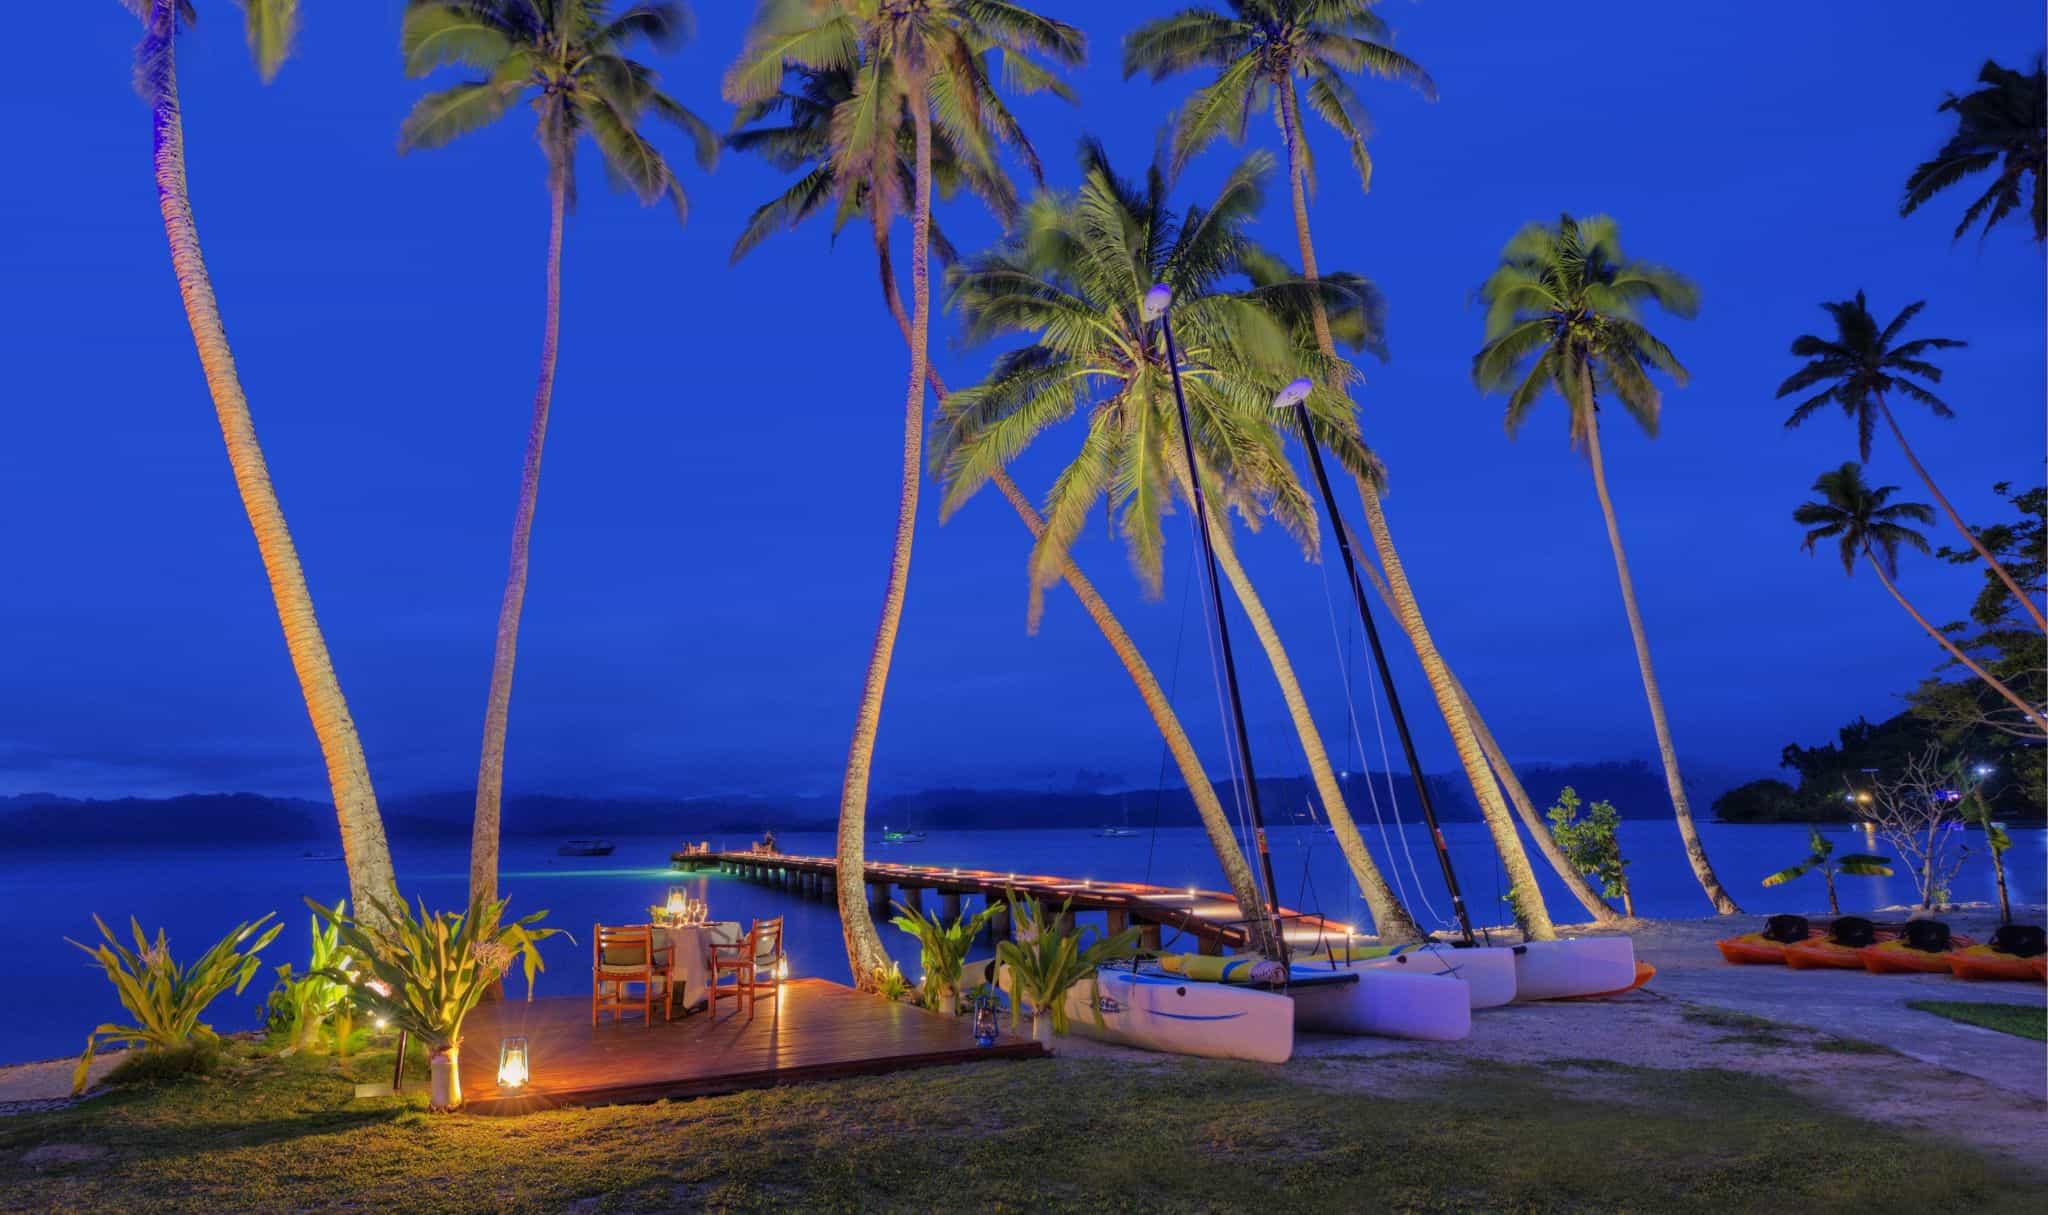 Fiji Dock Illuminated